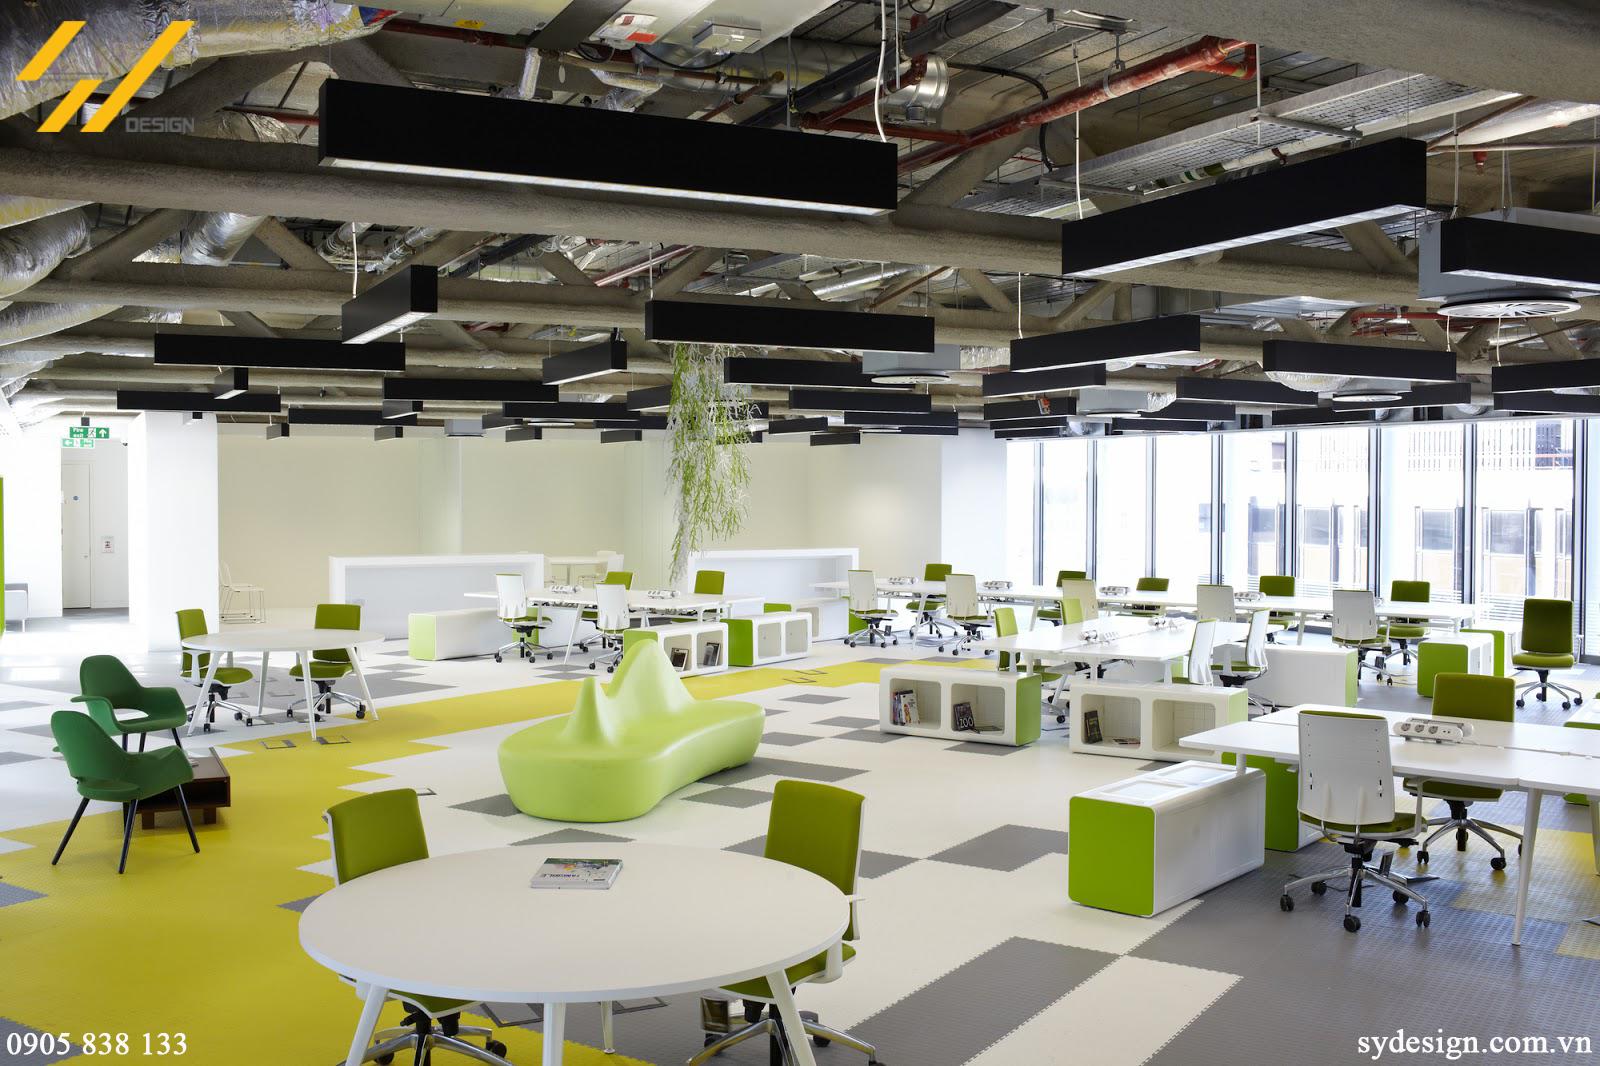 Mẫu 1 thiết kế nội thất văn phòng theo xu hướng mở